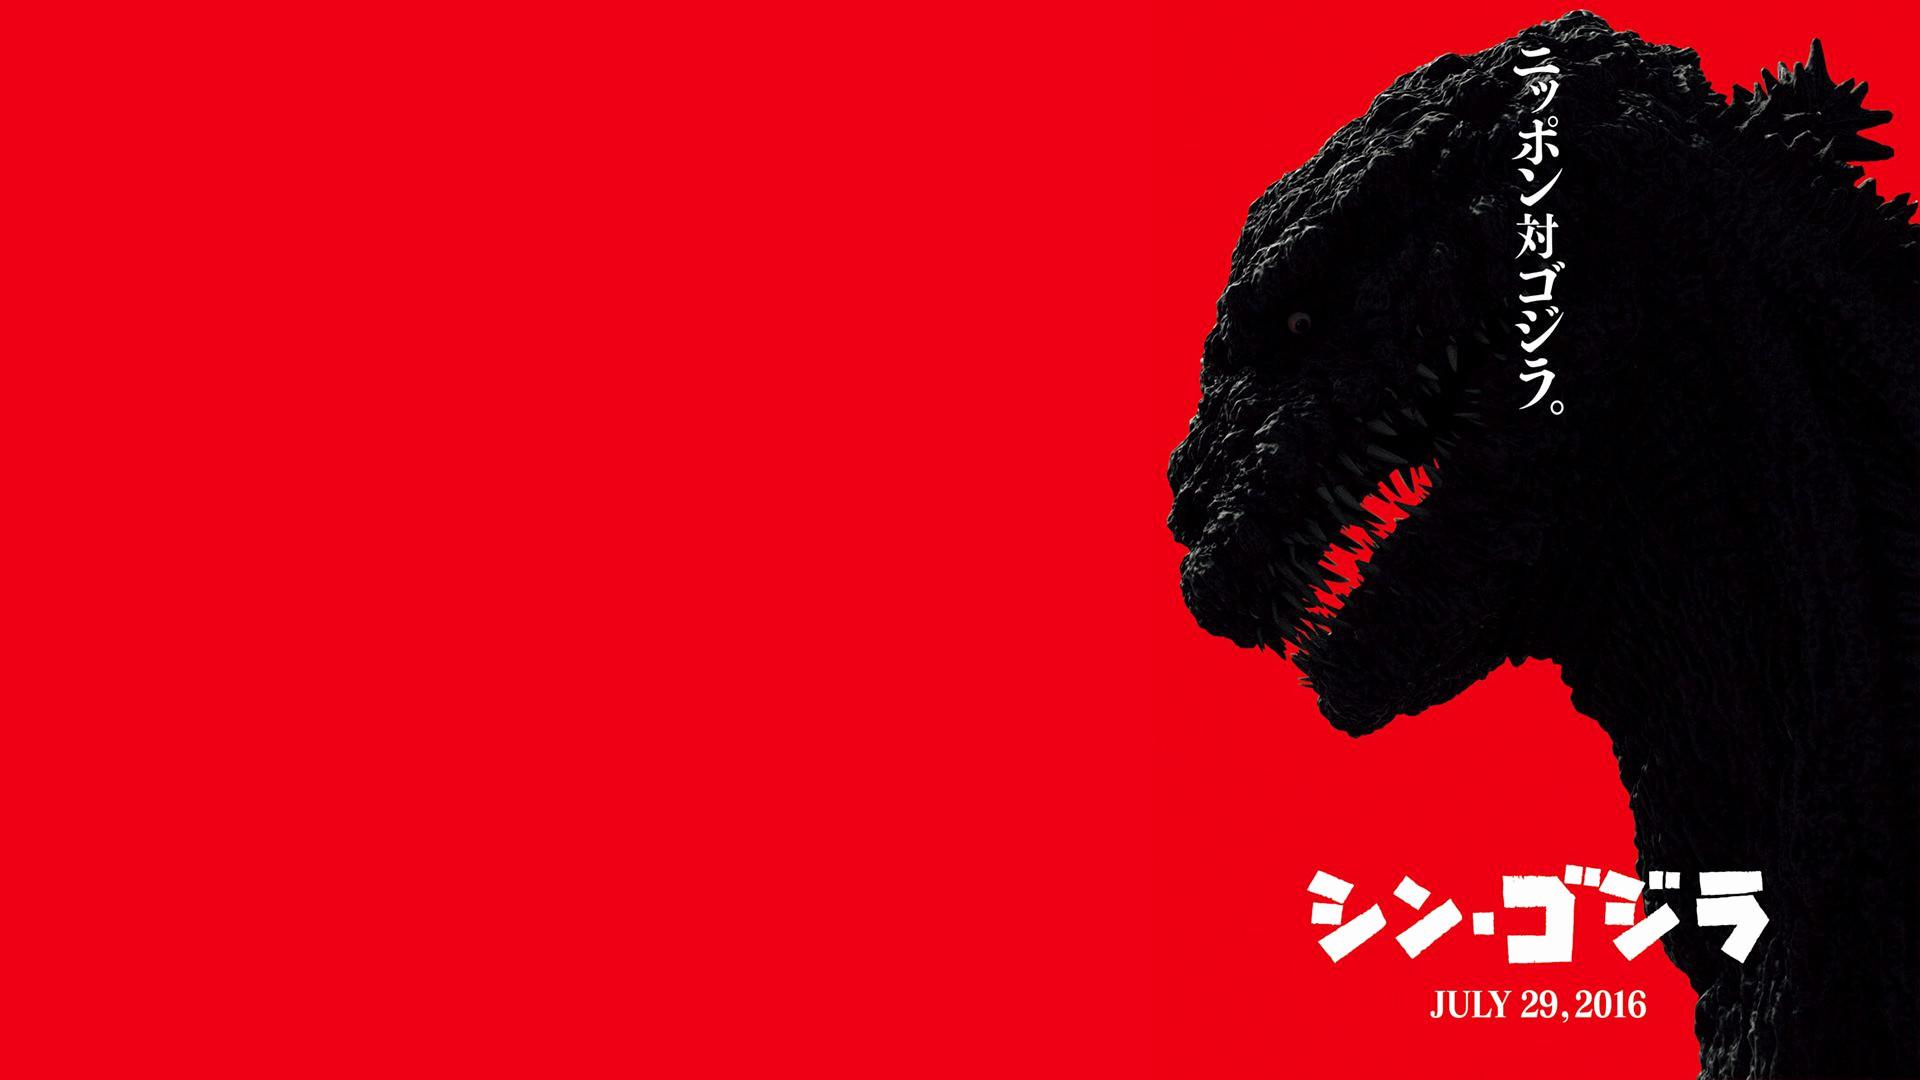 Res: 1920x1080, Godzilla Wallpaper Luxury Shin Godzilla Poster [ ] Beautiful Wallpaper